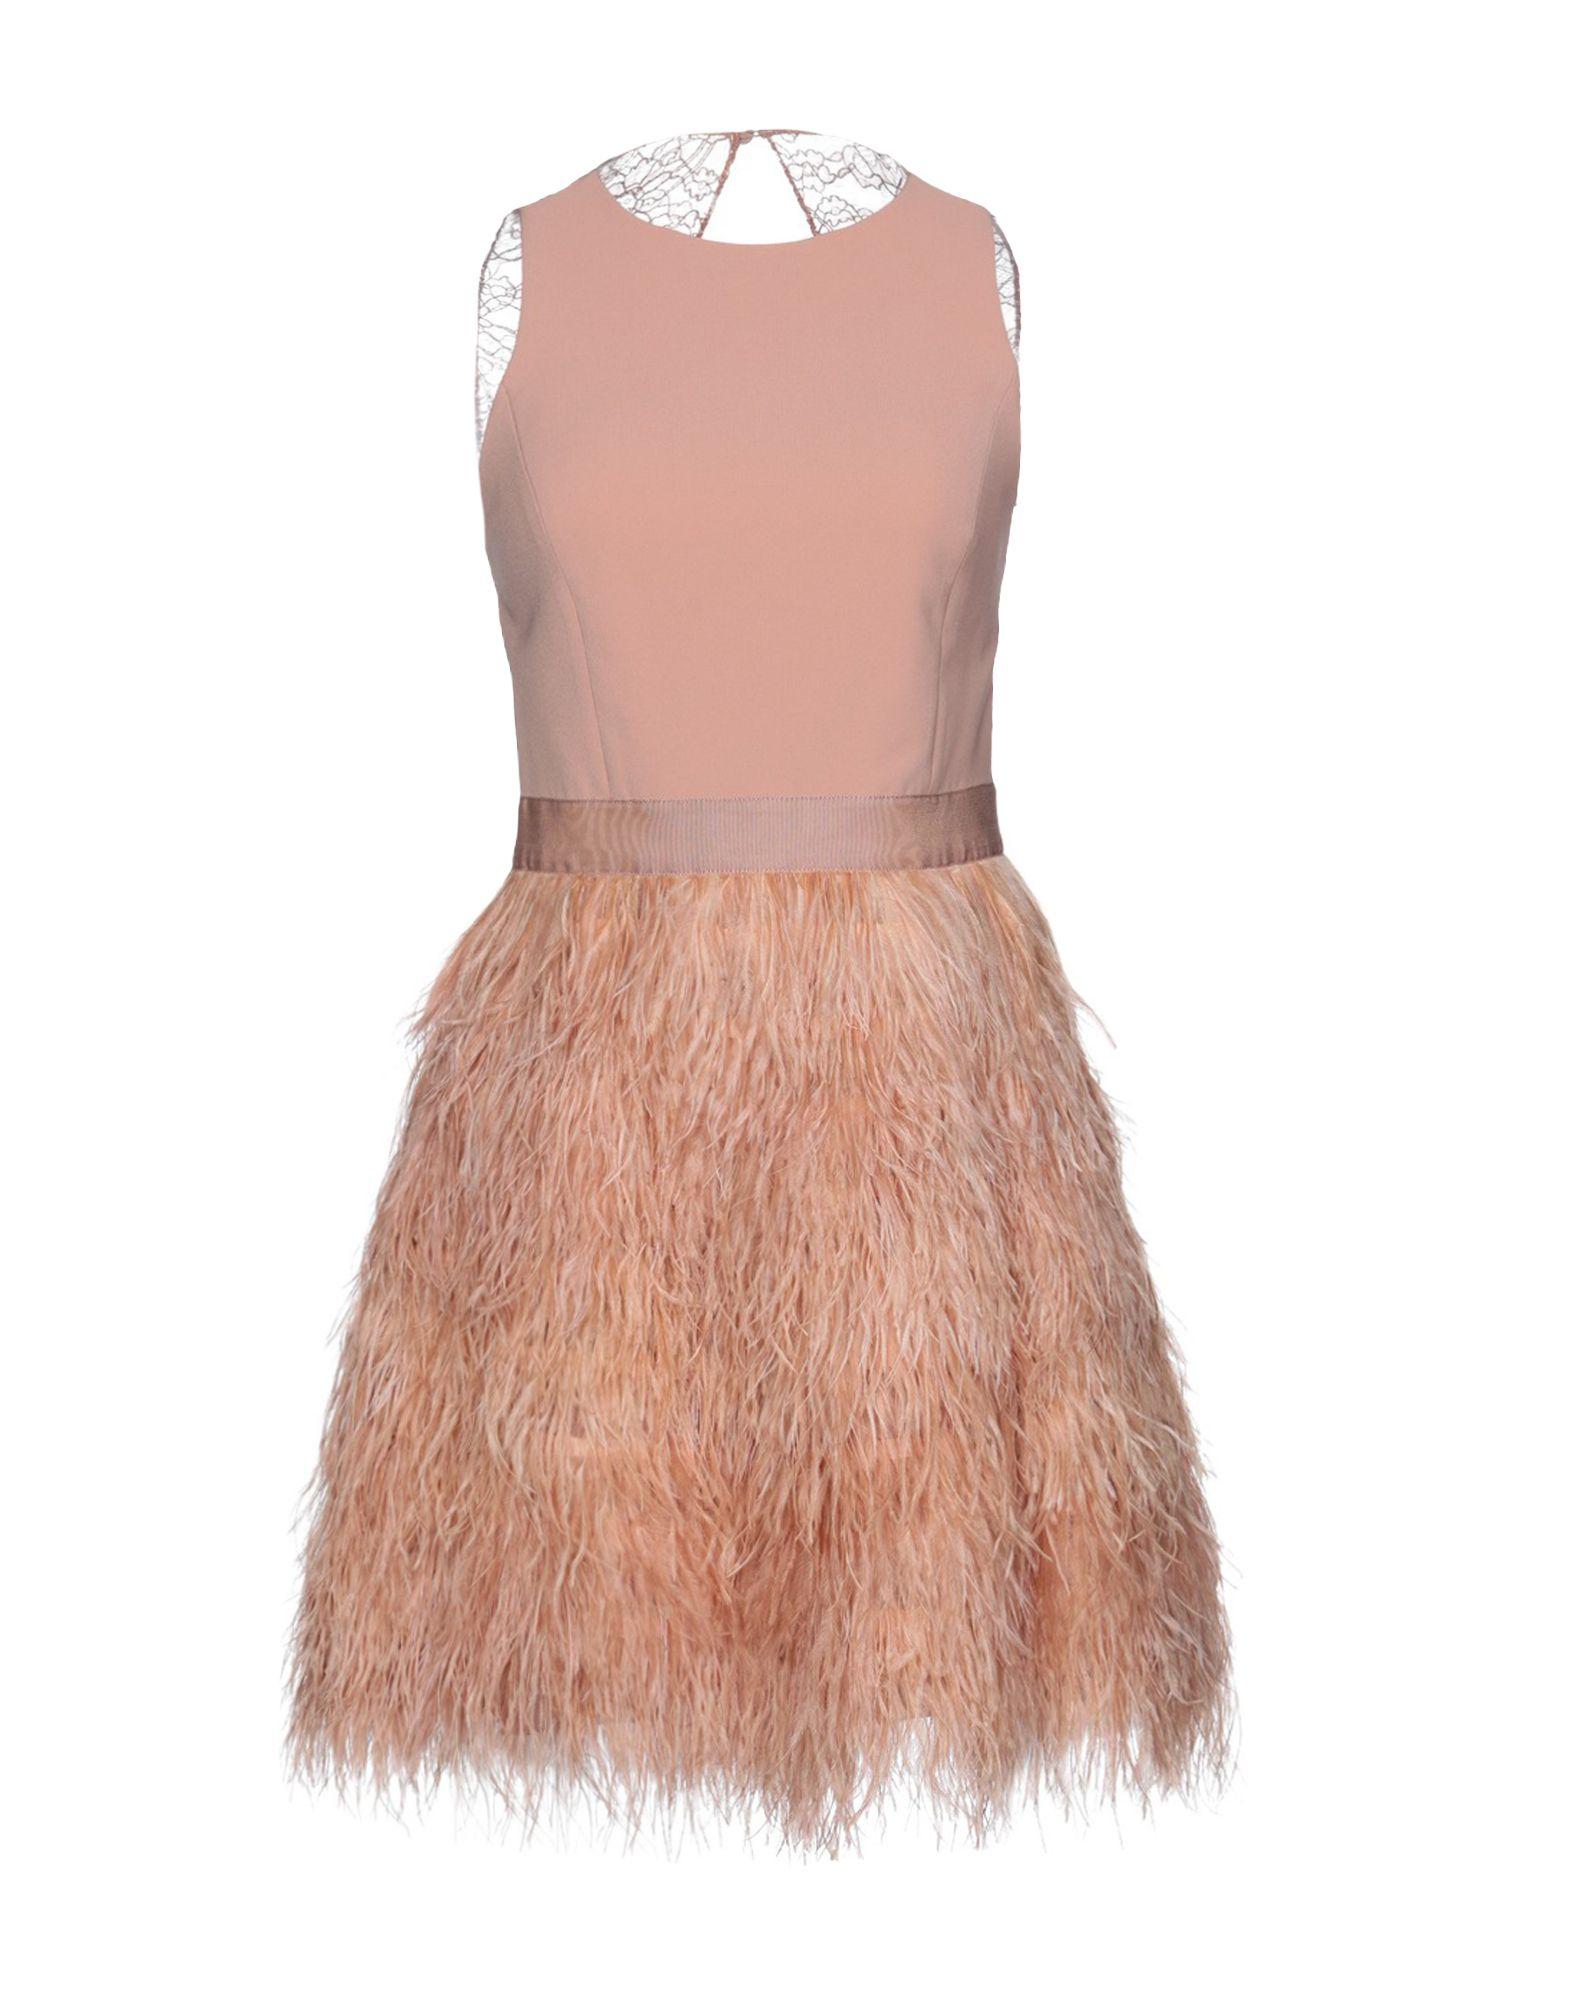 Vestito Corto Alice + Olivia donna - 34889262RP 34889262RP  Online-Verkauf